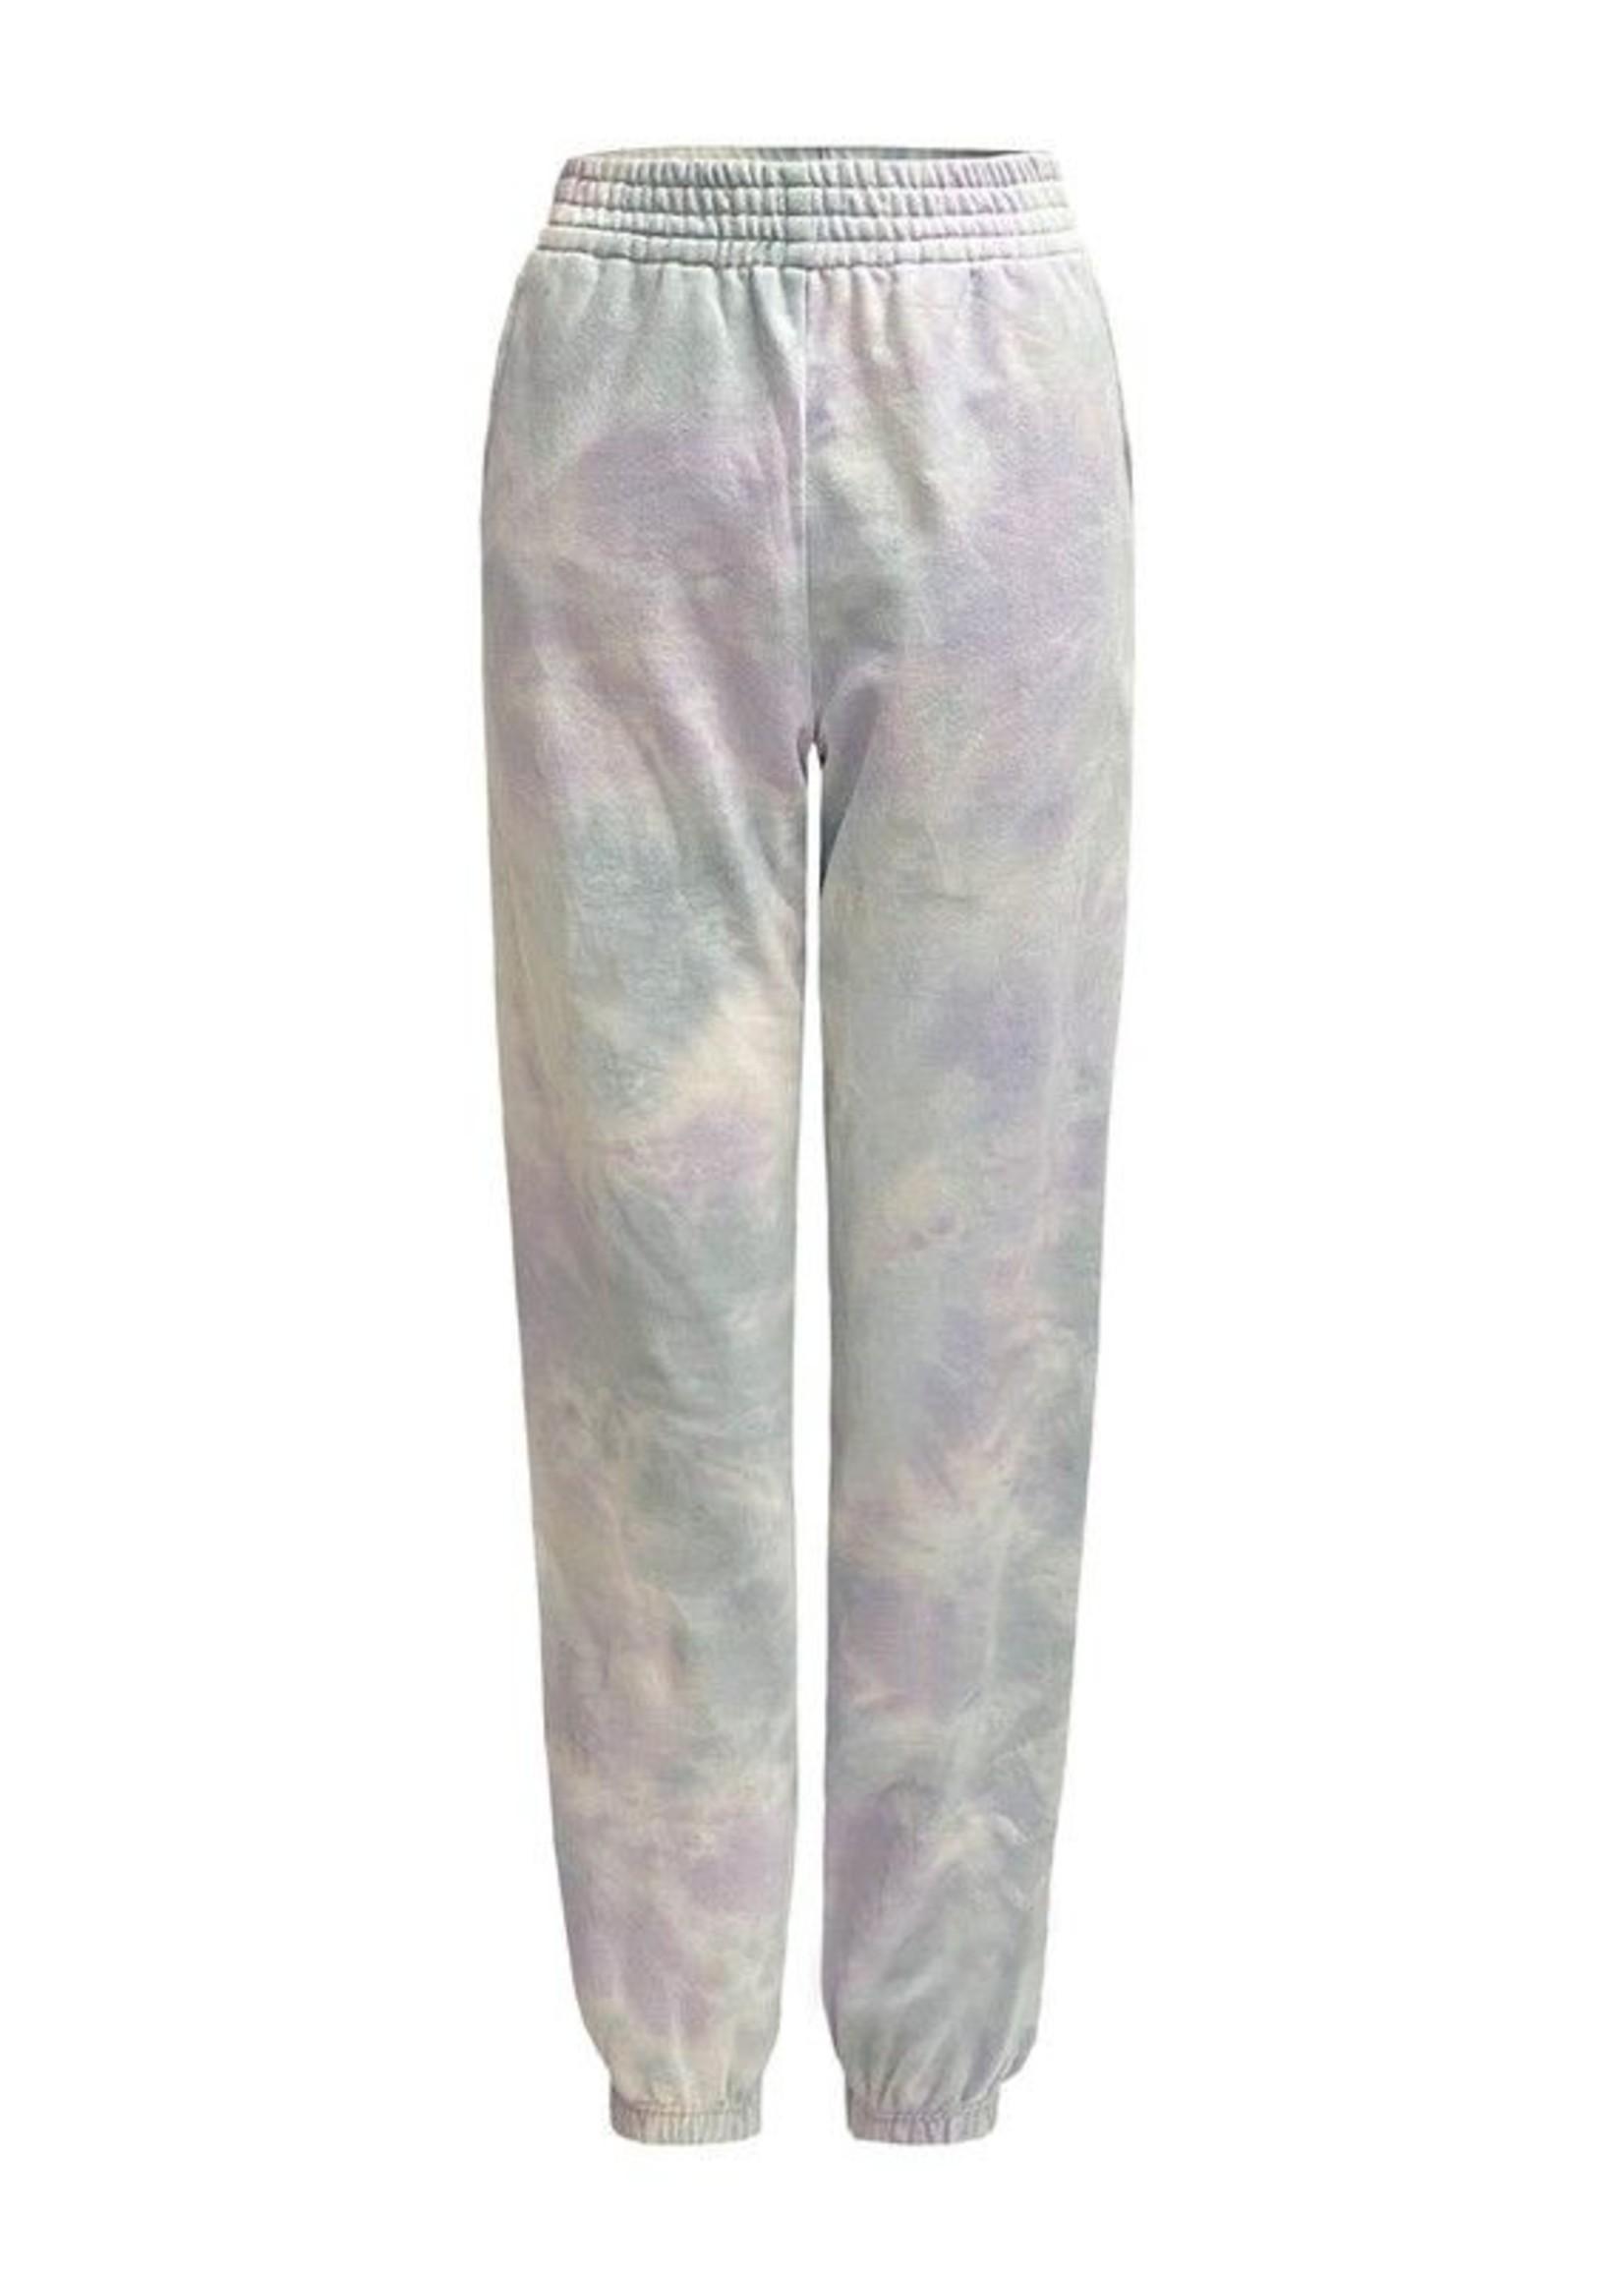 Renamed Ibiza Tye Dye Sweatpants Blue